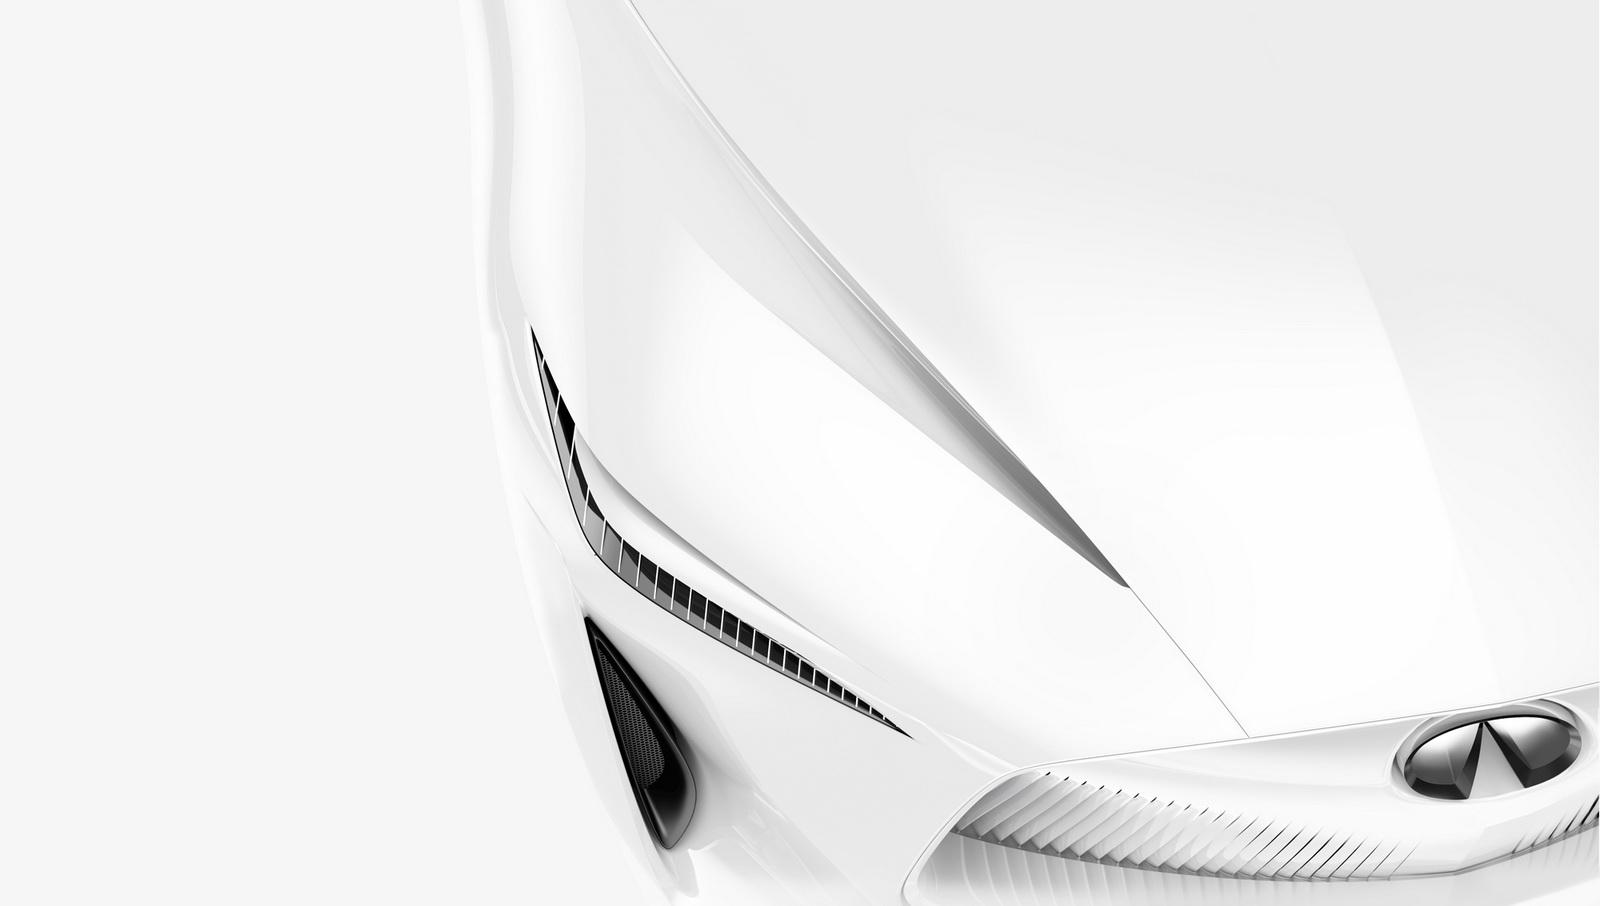 خودروهای آینده اینفینیتی از این طراحی بهره میبرند